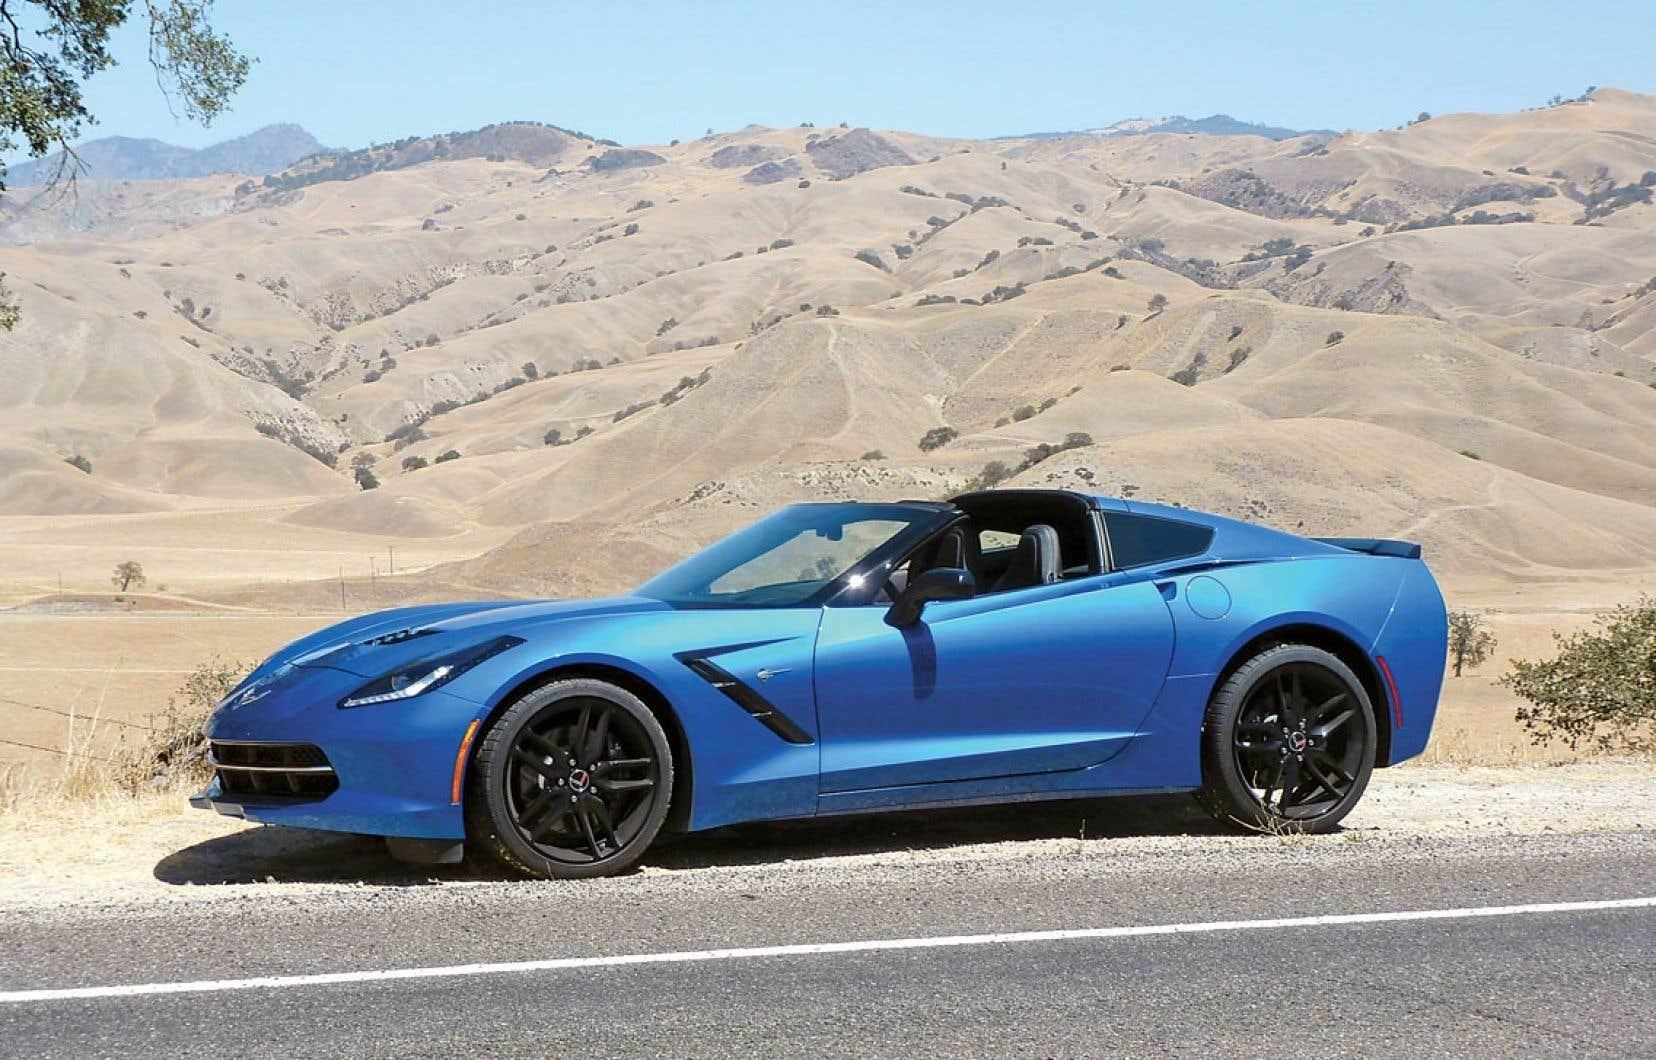 La faillite est la meilleure chose qui pouvait arriver à General Motors, qui a rehaussé la qualité de plusieurs crans. La Corvette menace maintenant la dominante Porsche 911.